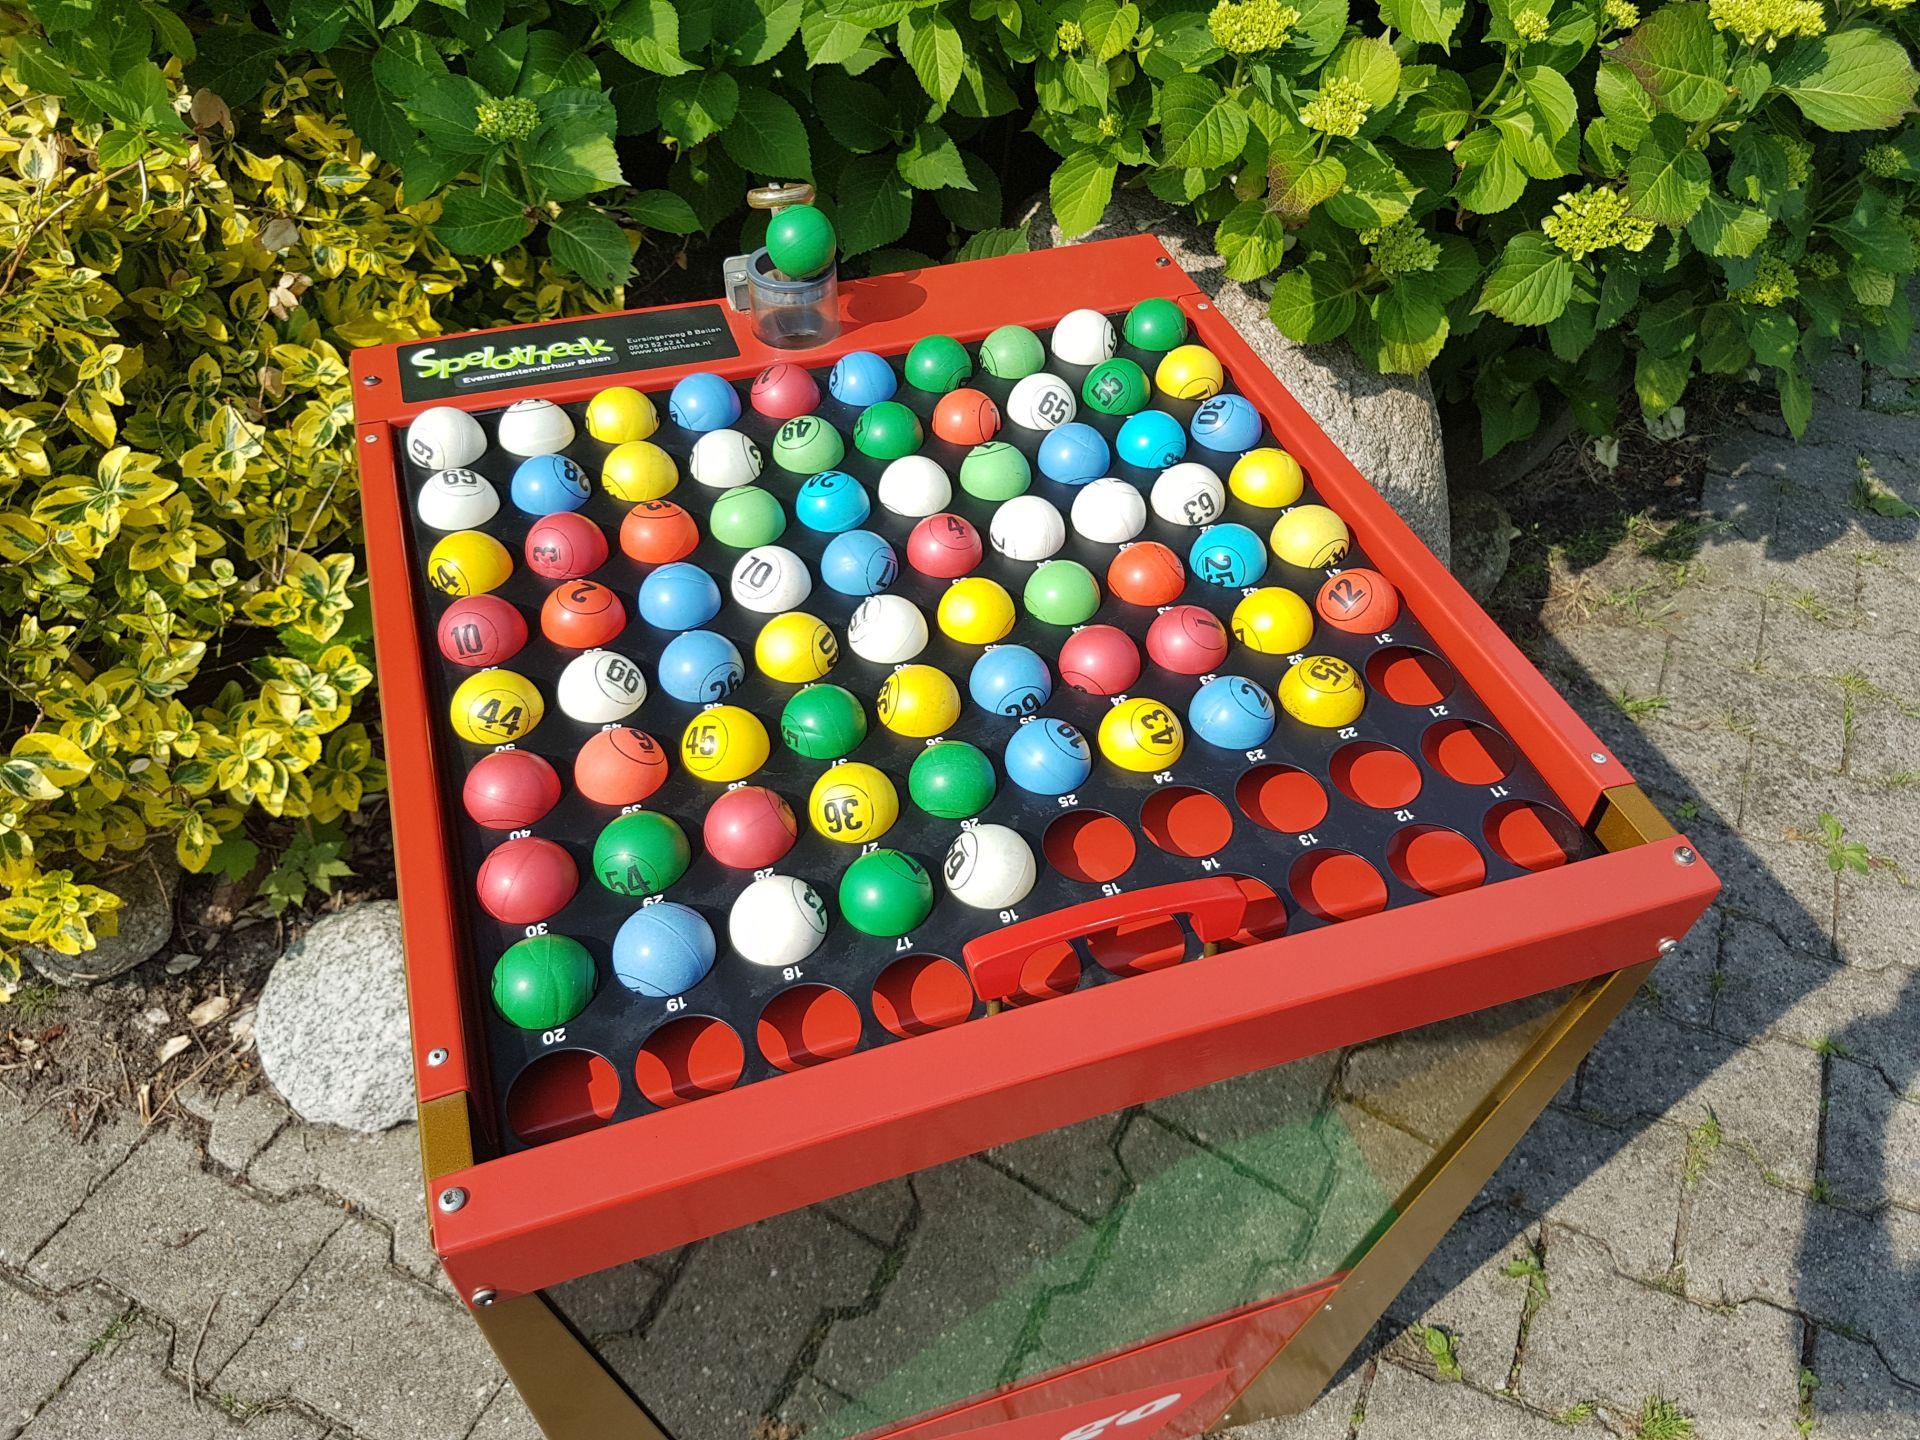 Bingo blower machine